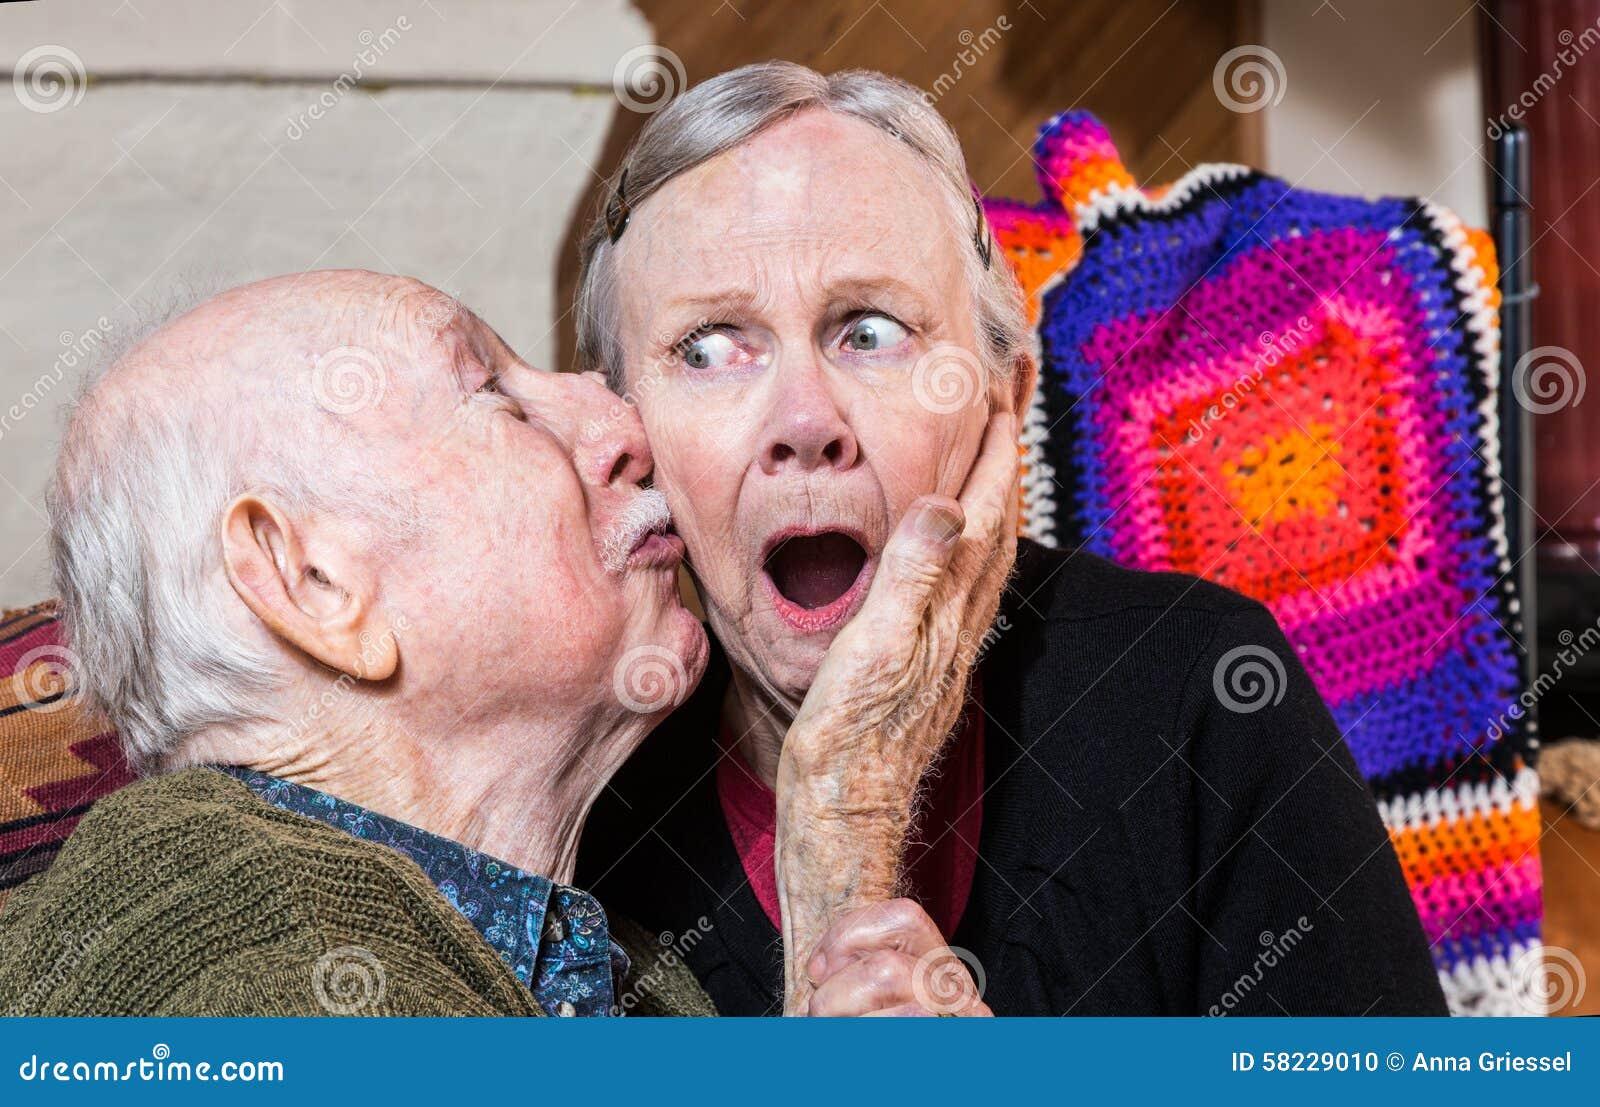 older women kissing